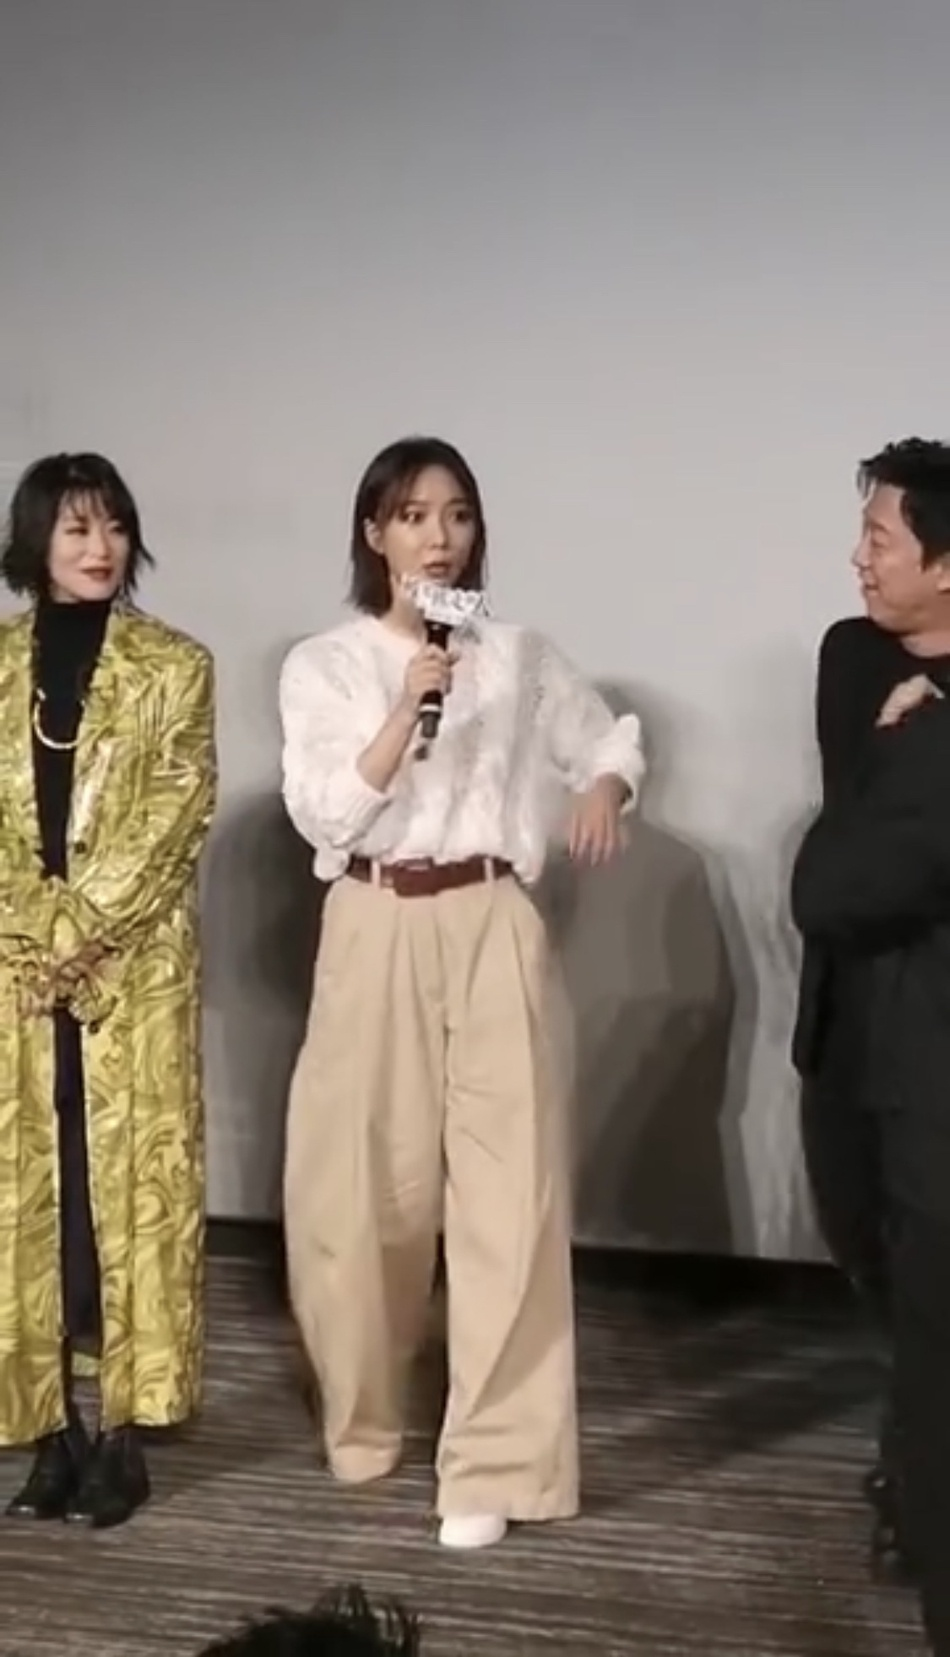 王珞丹新片首映会遇疯狂粉丝示爱 被吓得面色乌青